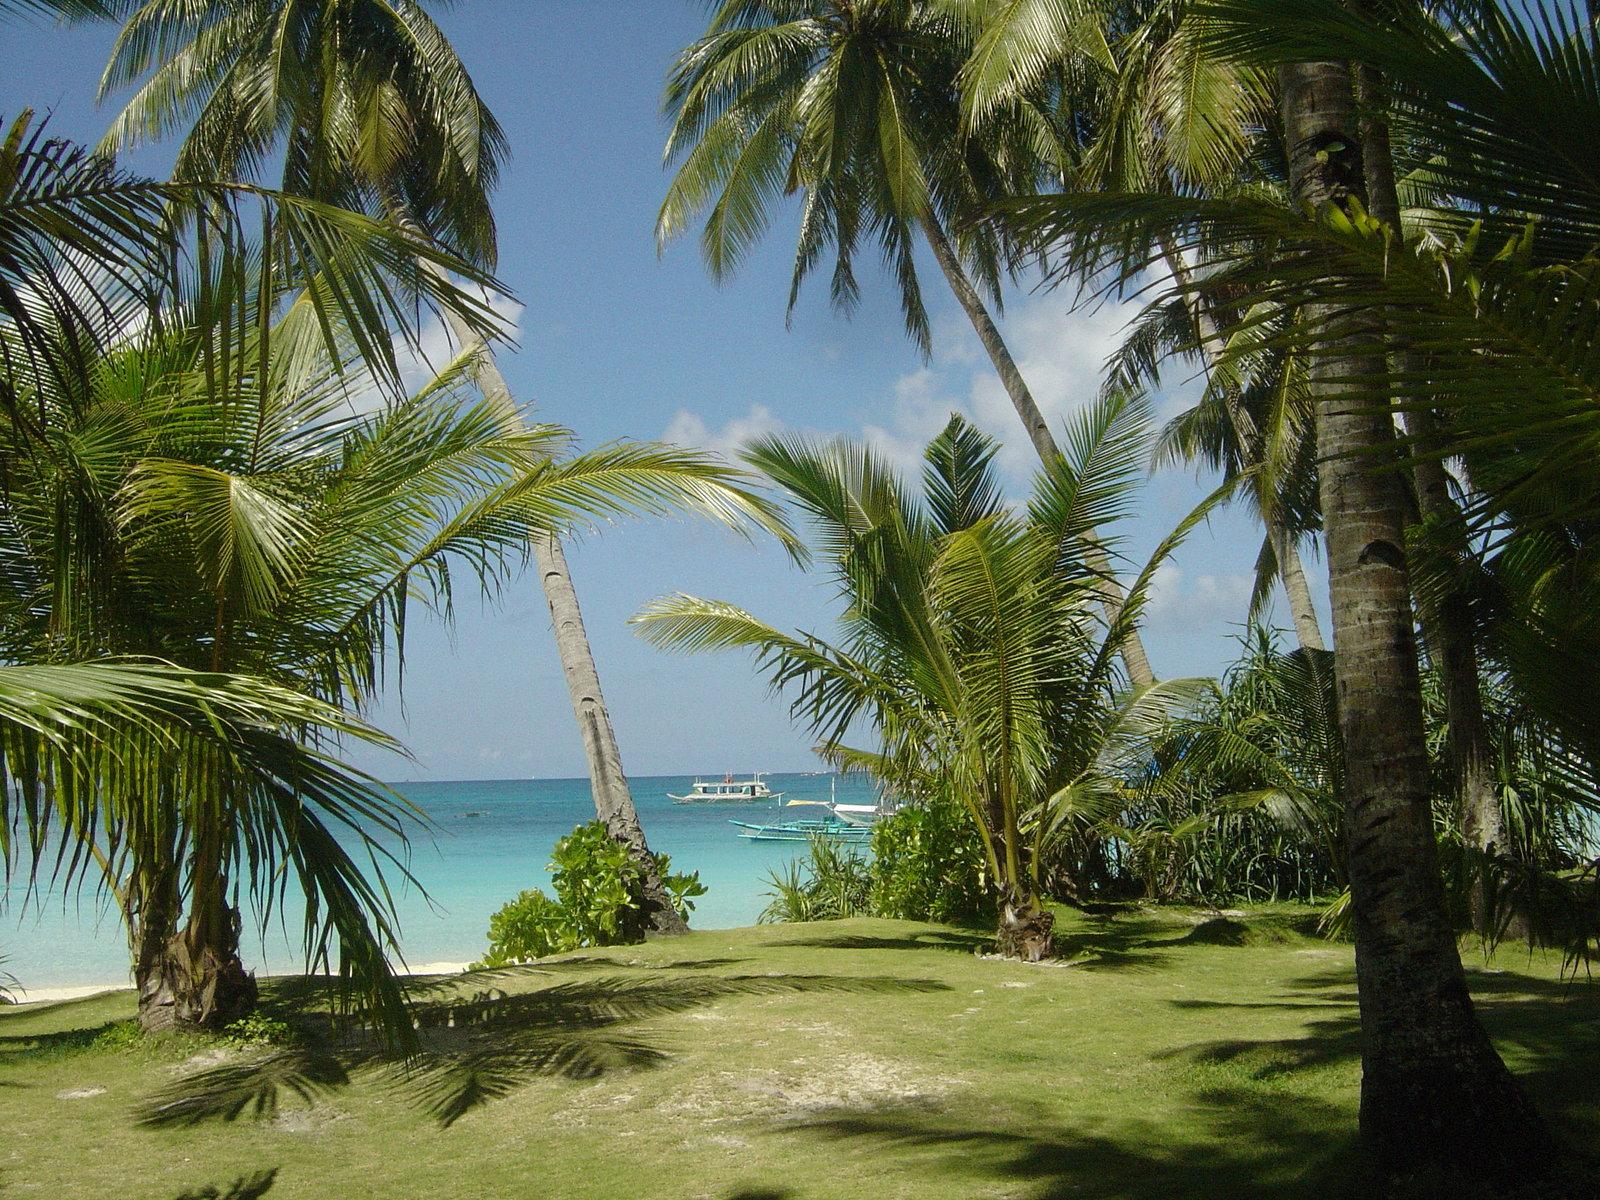 http://3.bp.blogspot.com/_gx7OZdt7Uhs/TNPrHgs8QVI/AAAAAAAAFBA/g_WcKLPD_yo/s1600/beaches_philippines%20computer%20Wallpaper.jpg